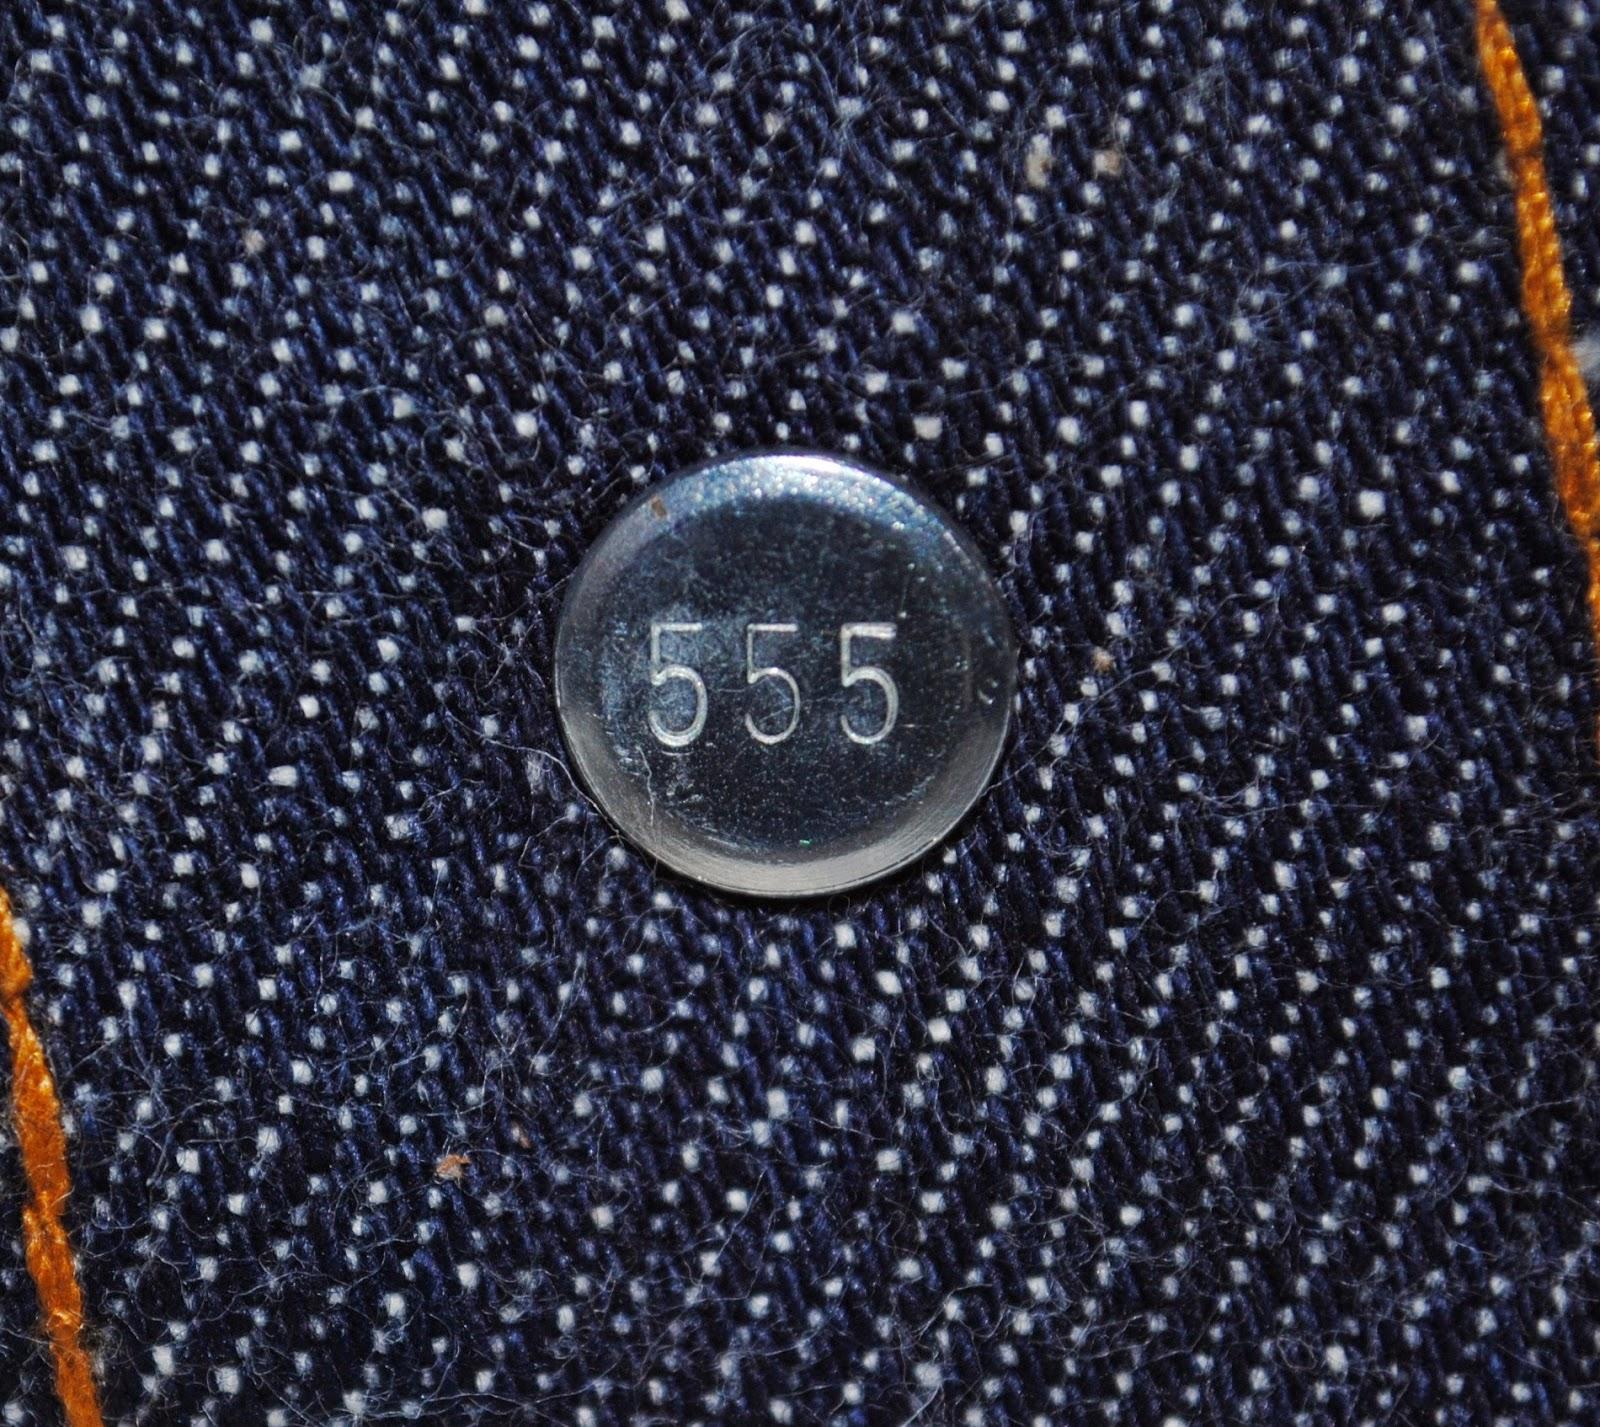 80年代 デッドストック501赤耳のトップボタン裏555刻印の画像